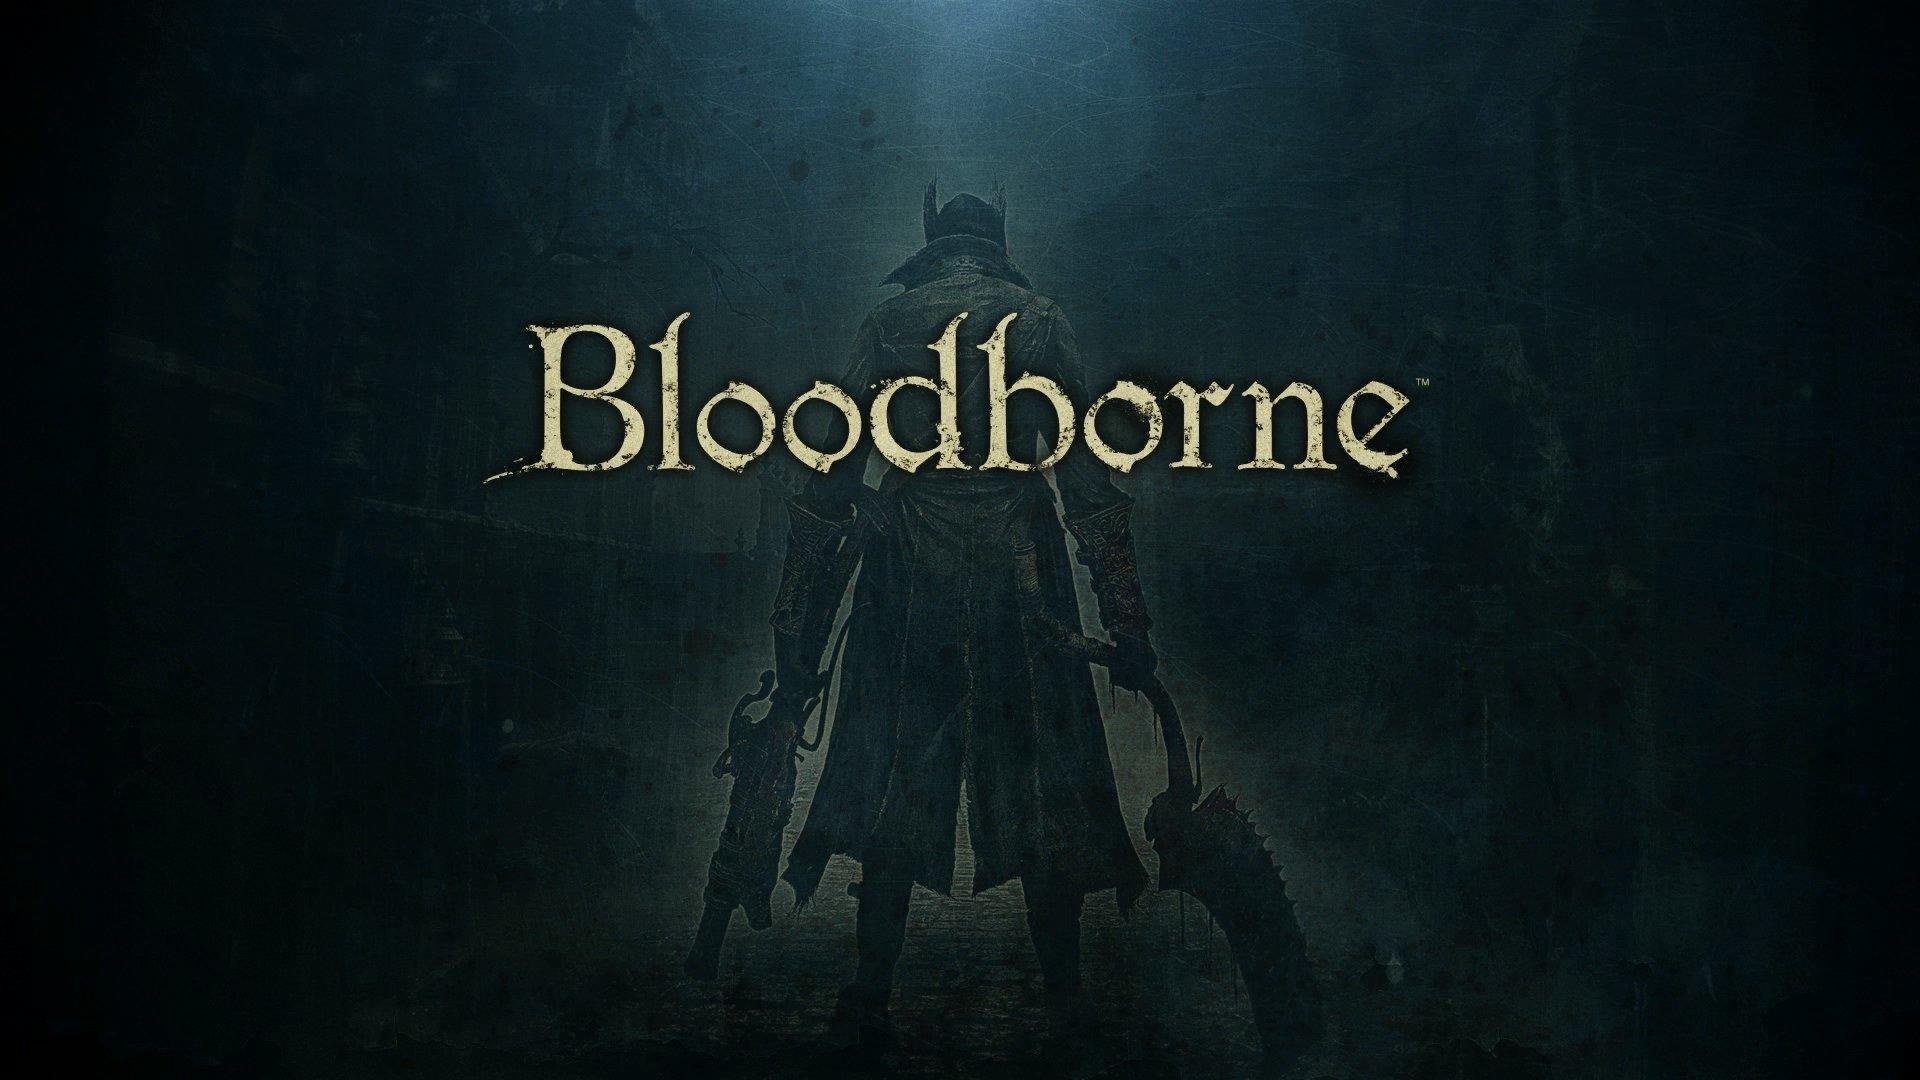 Bloodborne wallpapers hd for desktop backgrounds - Bloodborne download ...